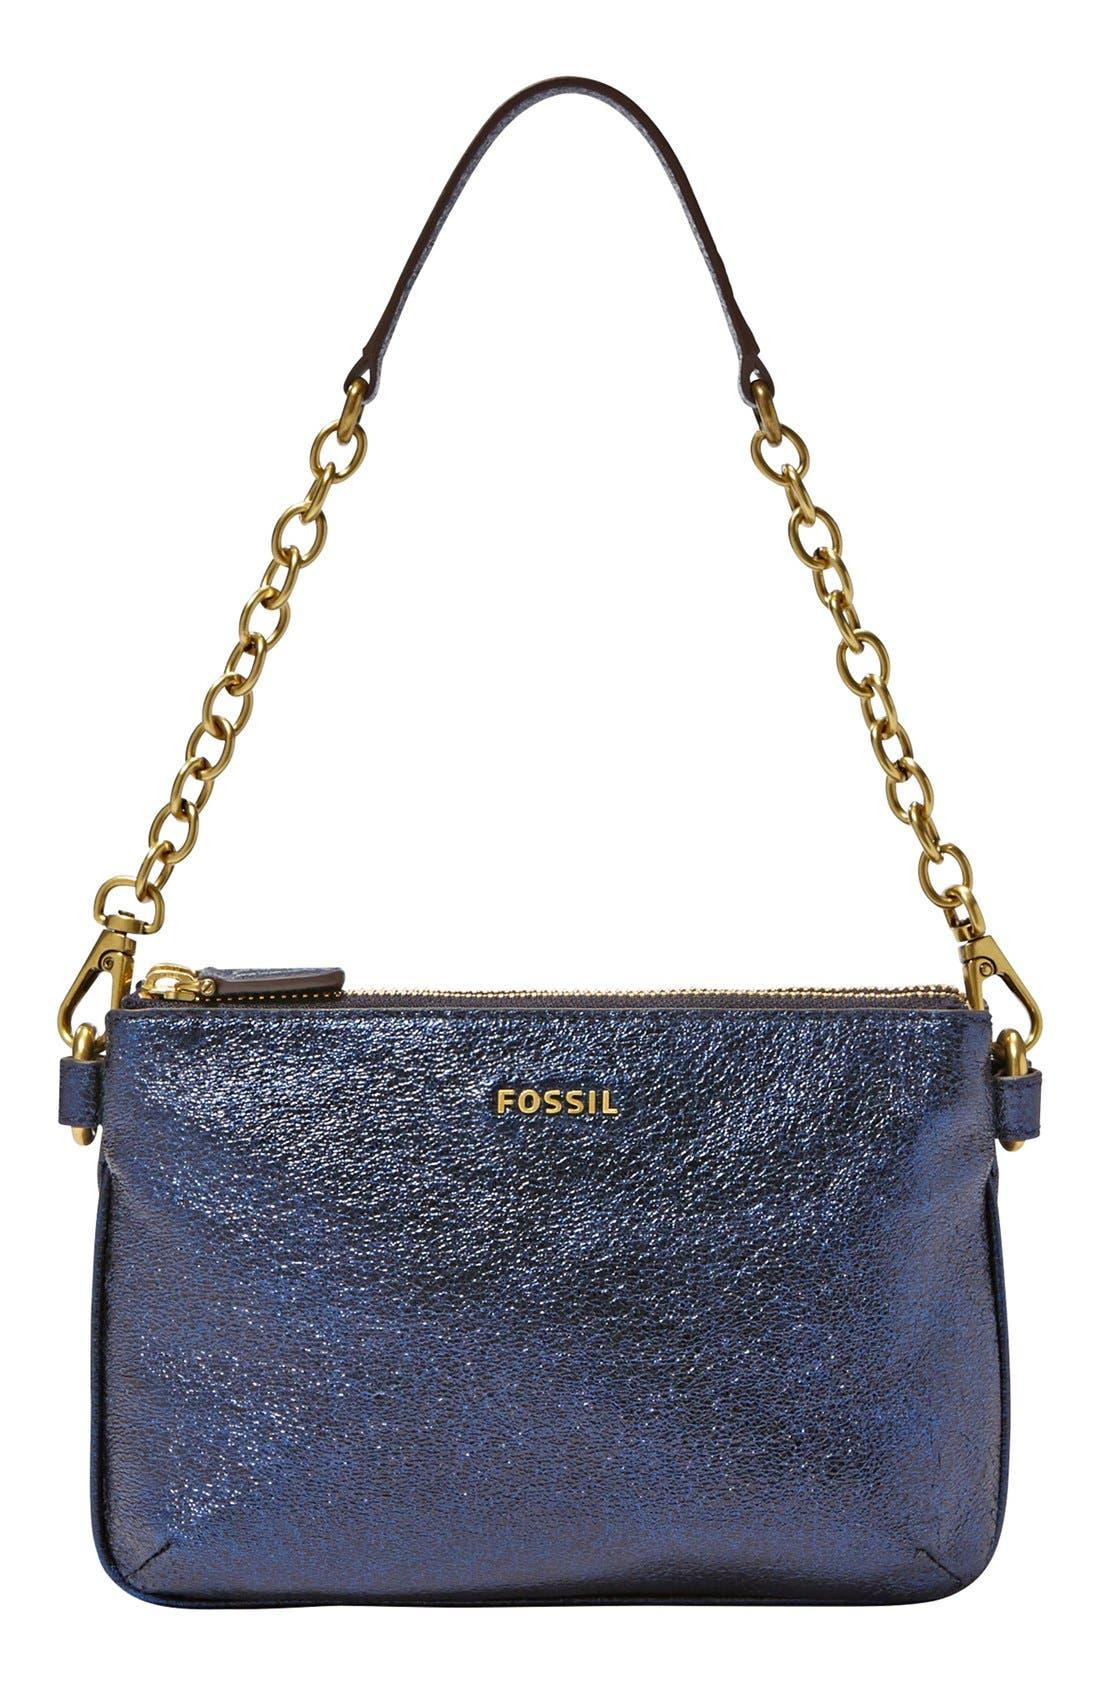 Alternate Image 1 Selected - Fossil 'Memoir' Leather Shoulder Bag